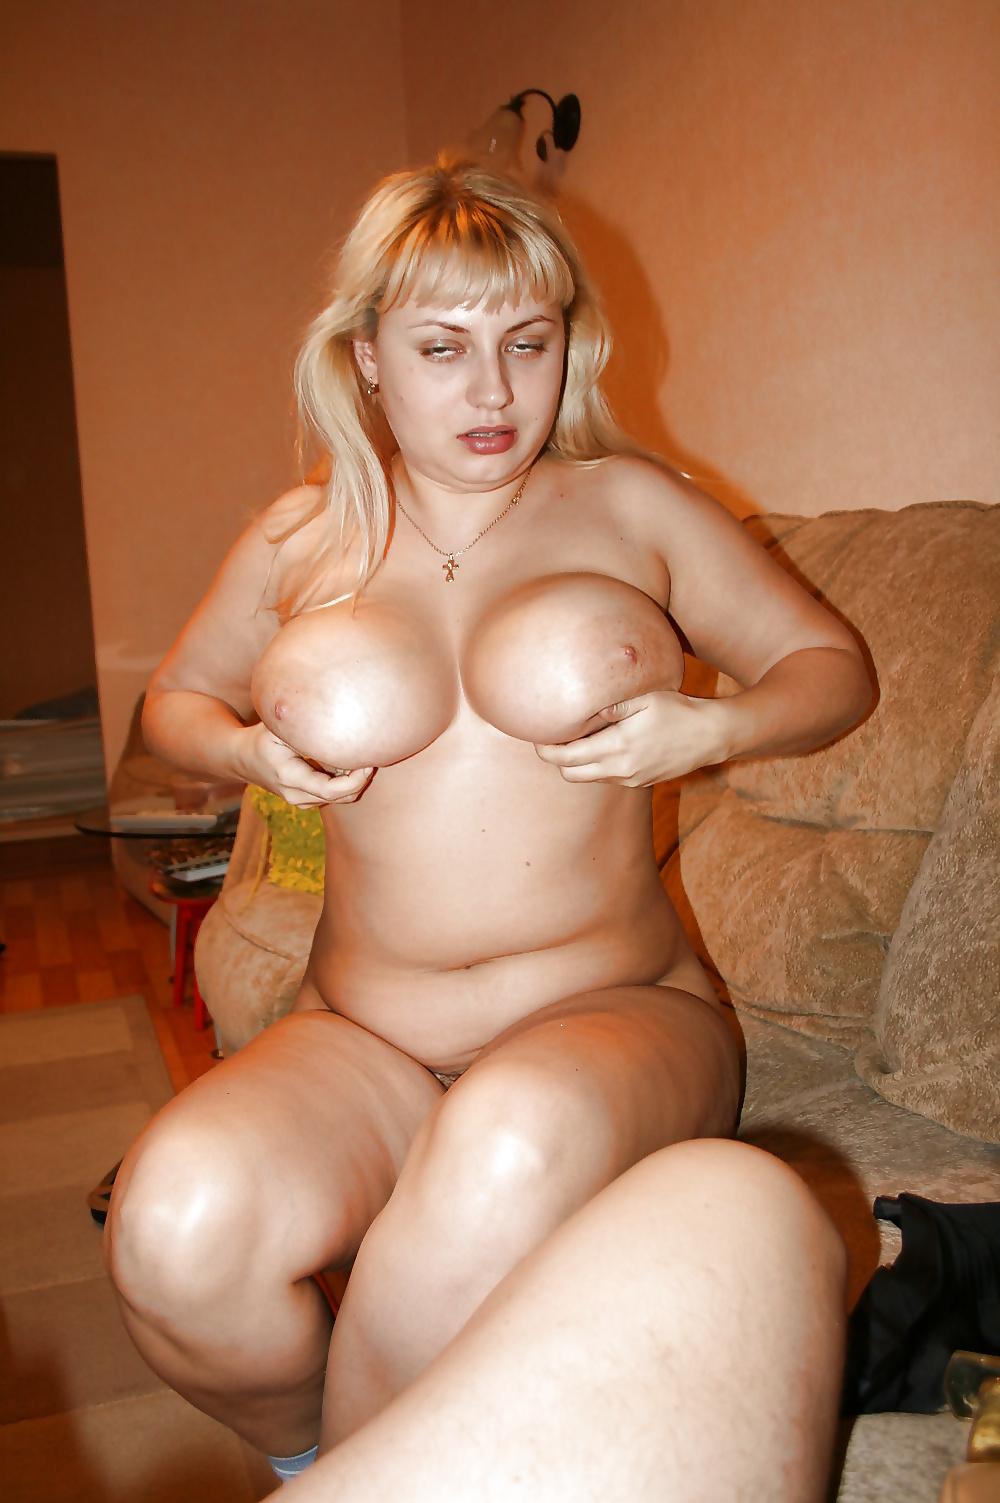 фото голые пышки частное размещены